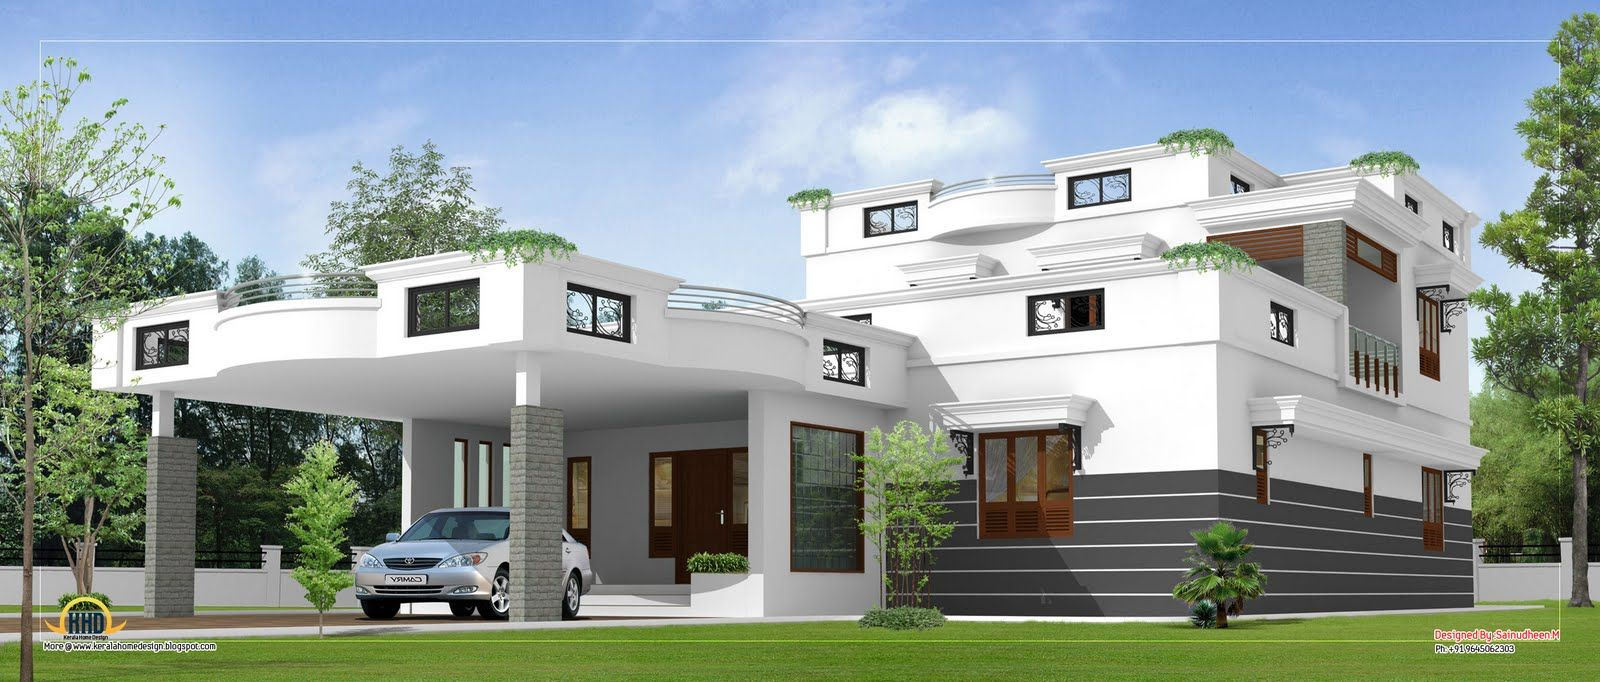 Contemporary House Plans With Photos Contemporary Home Design